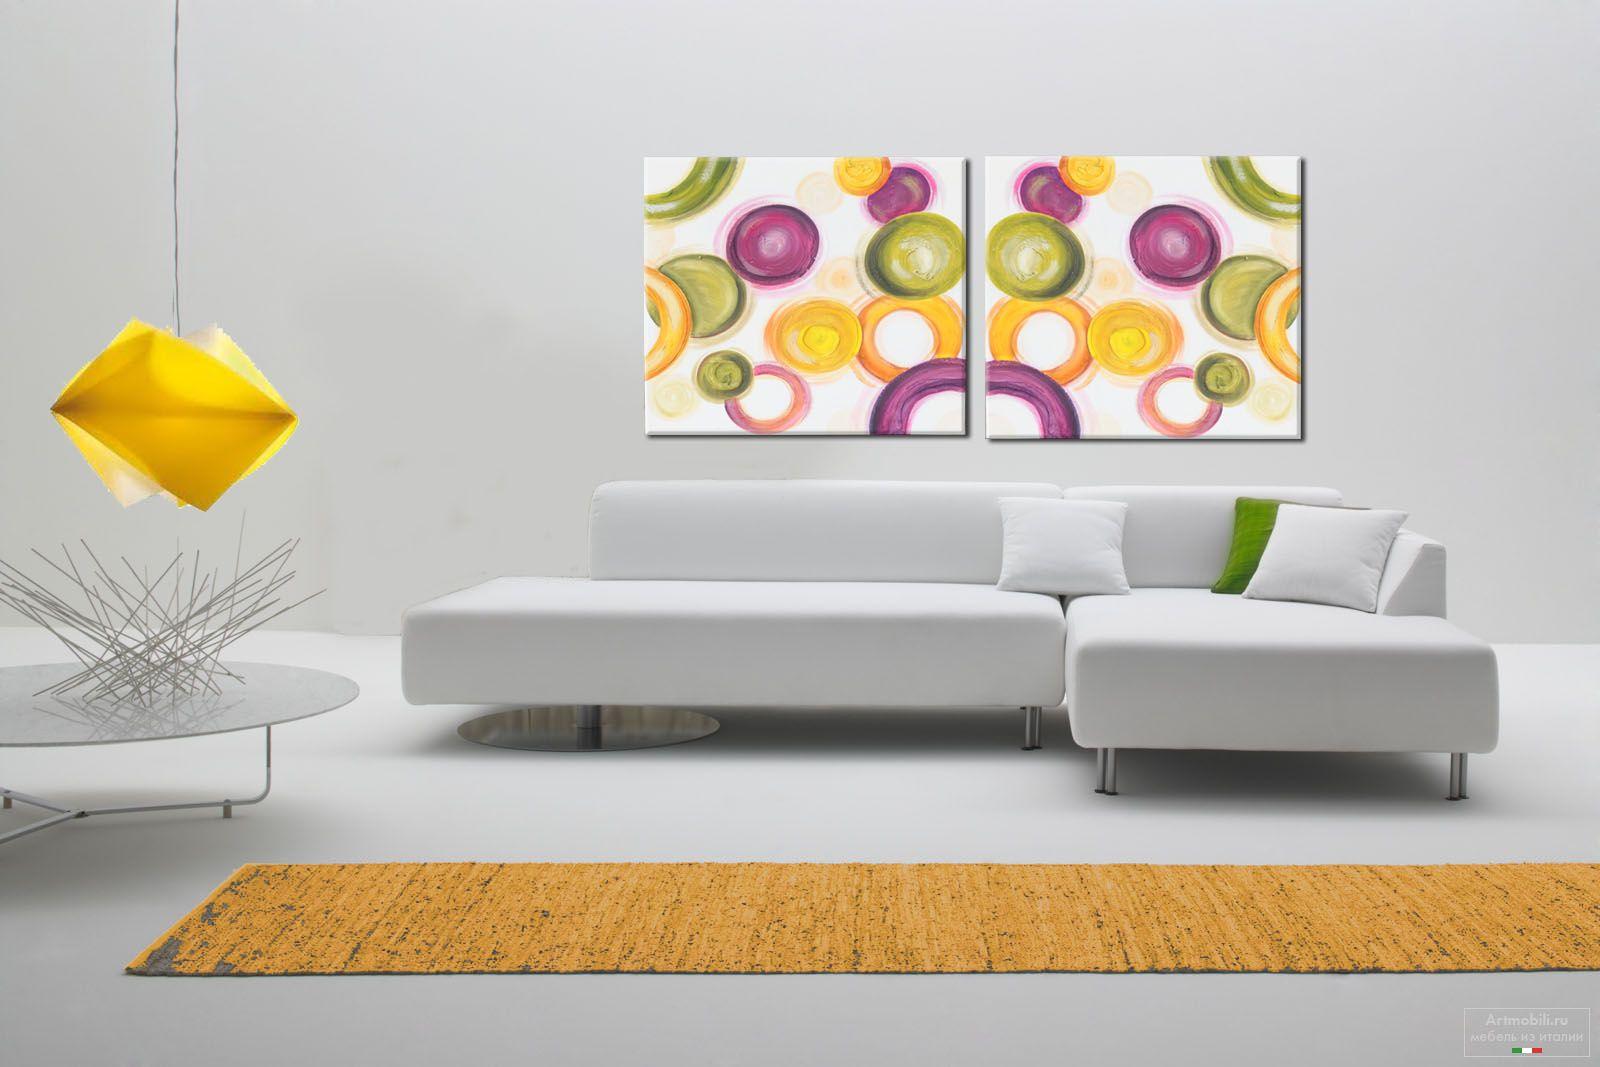 Quadri astratti cod. 139 - Quadri astratti moderni dipinti a mano ...